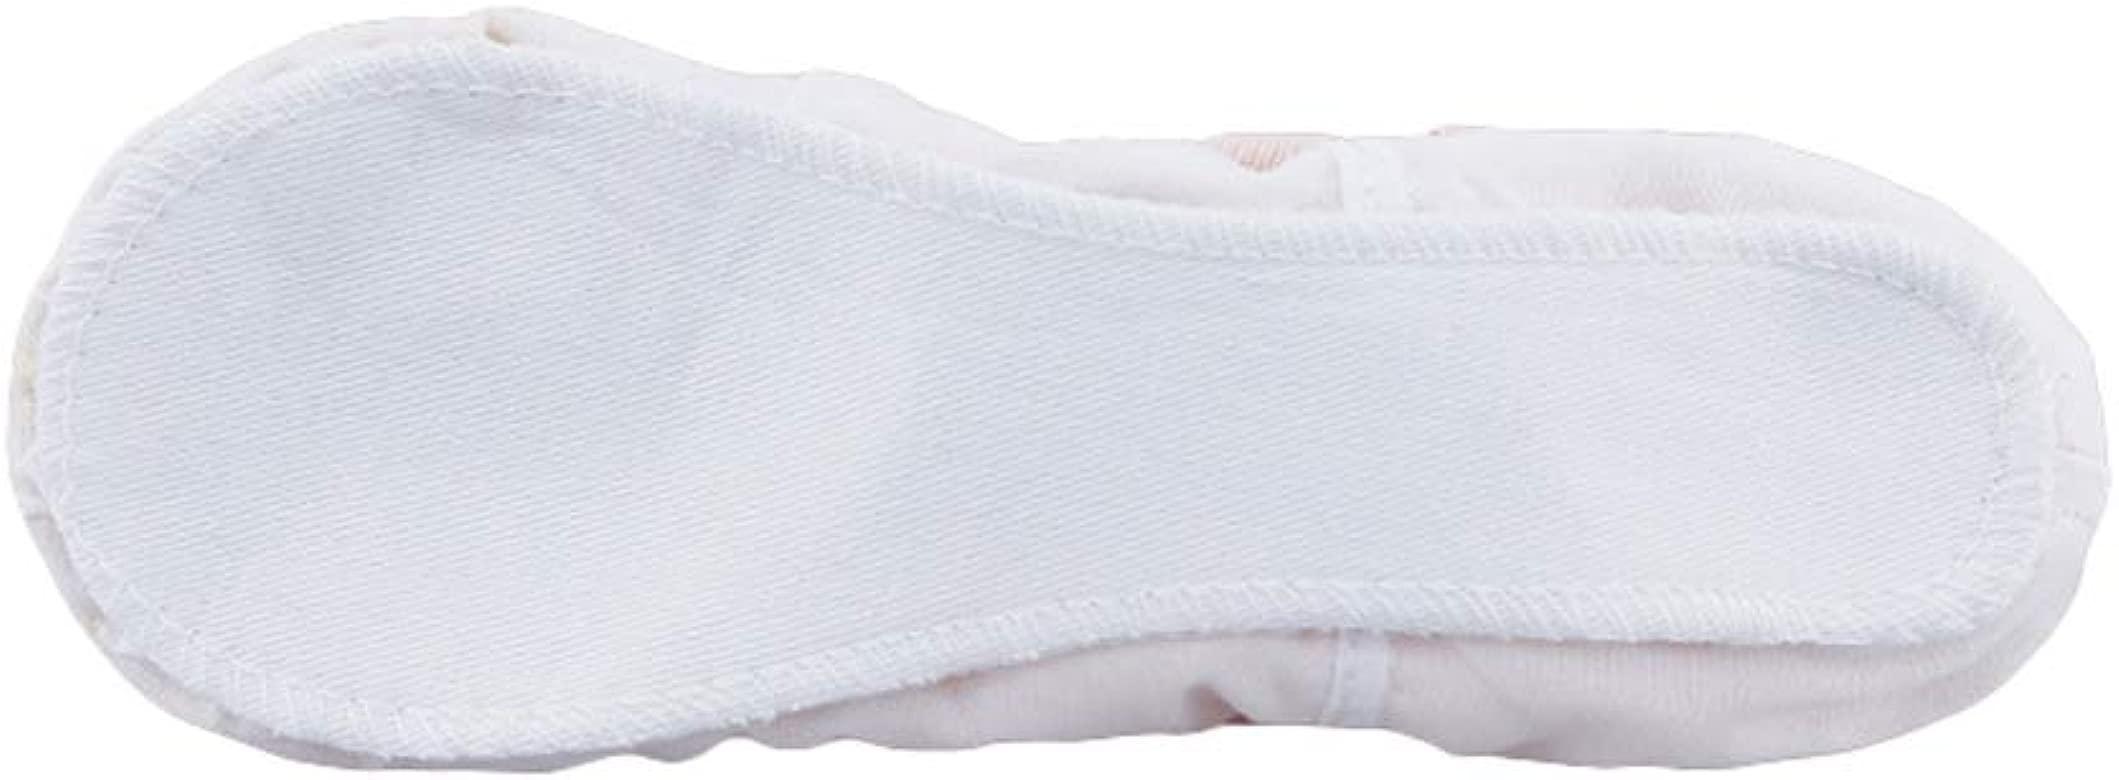 LFEWOX (2 Pairs) Zapatillas de Ballet para Niñas Niños ...